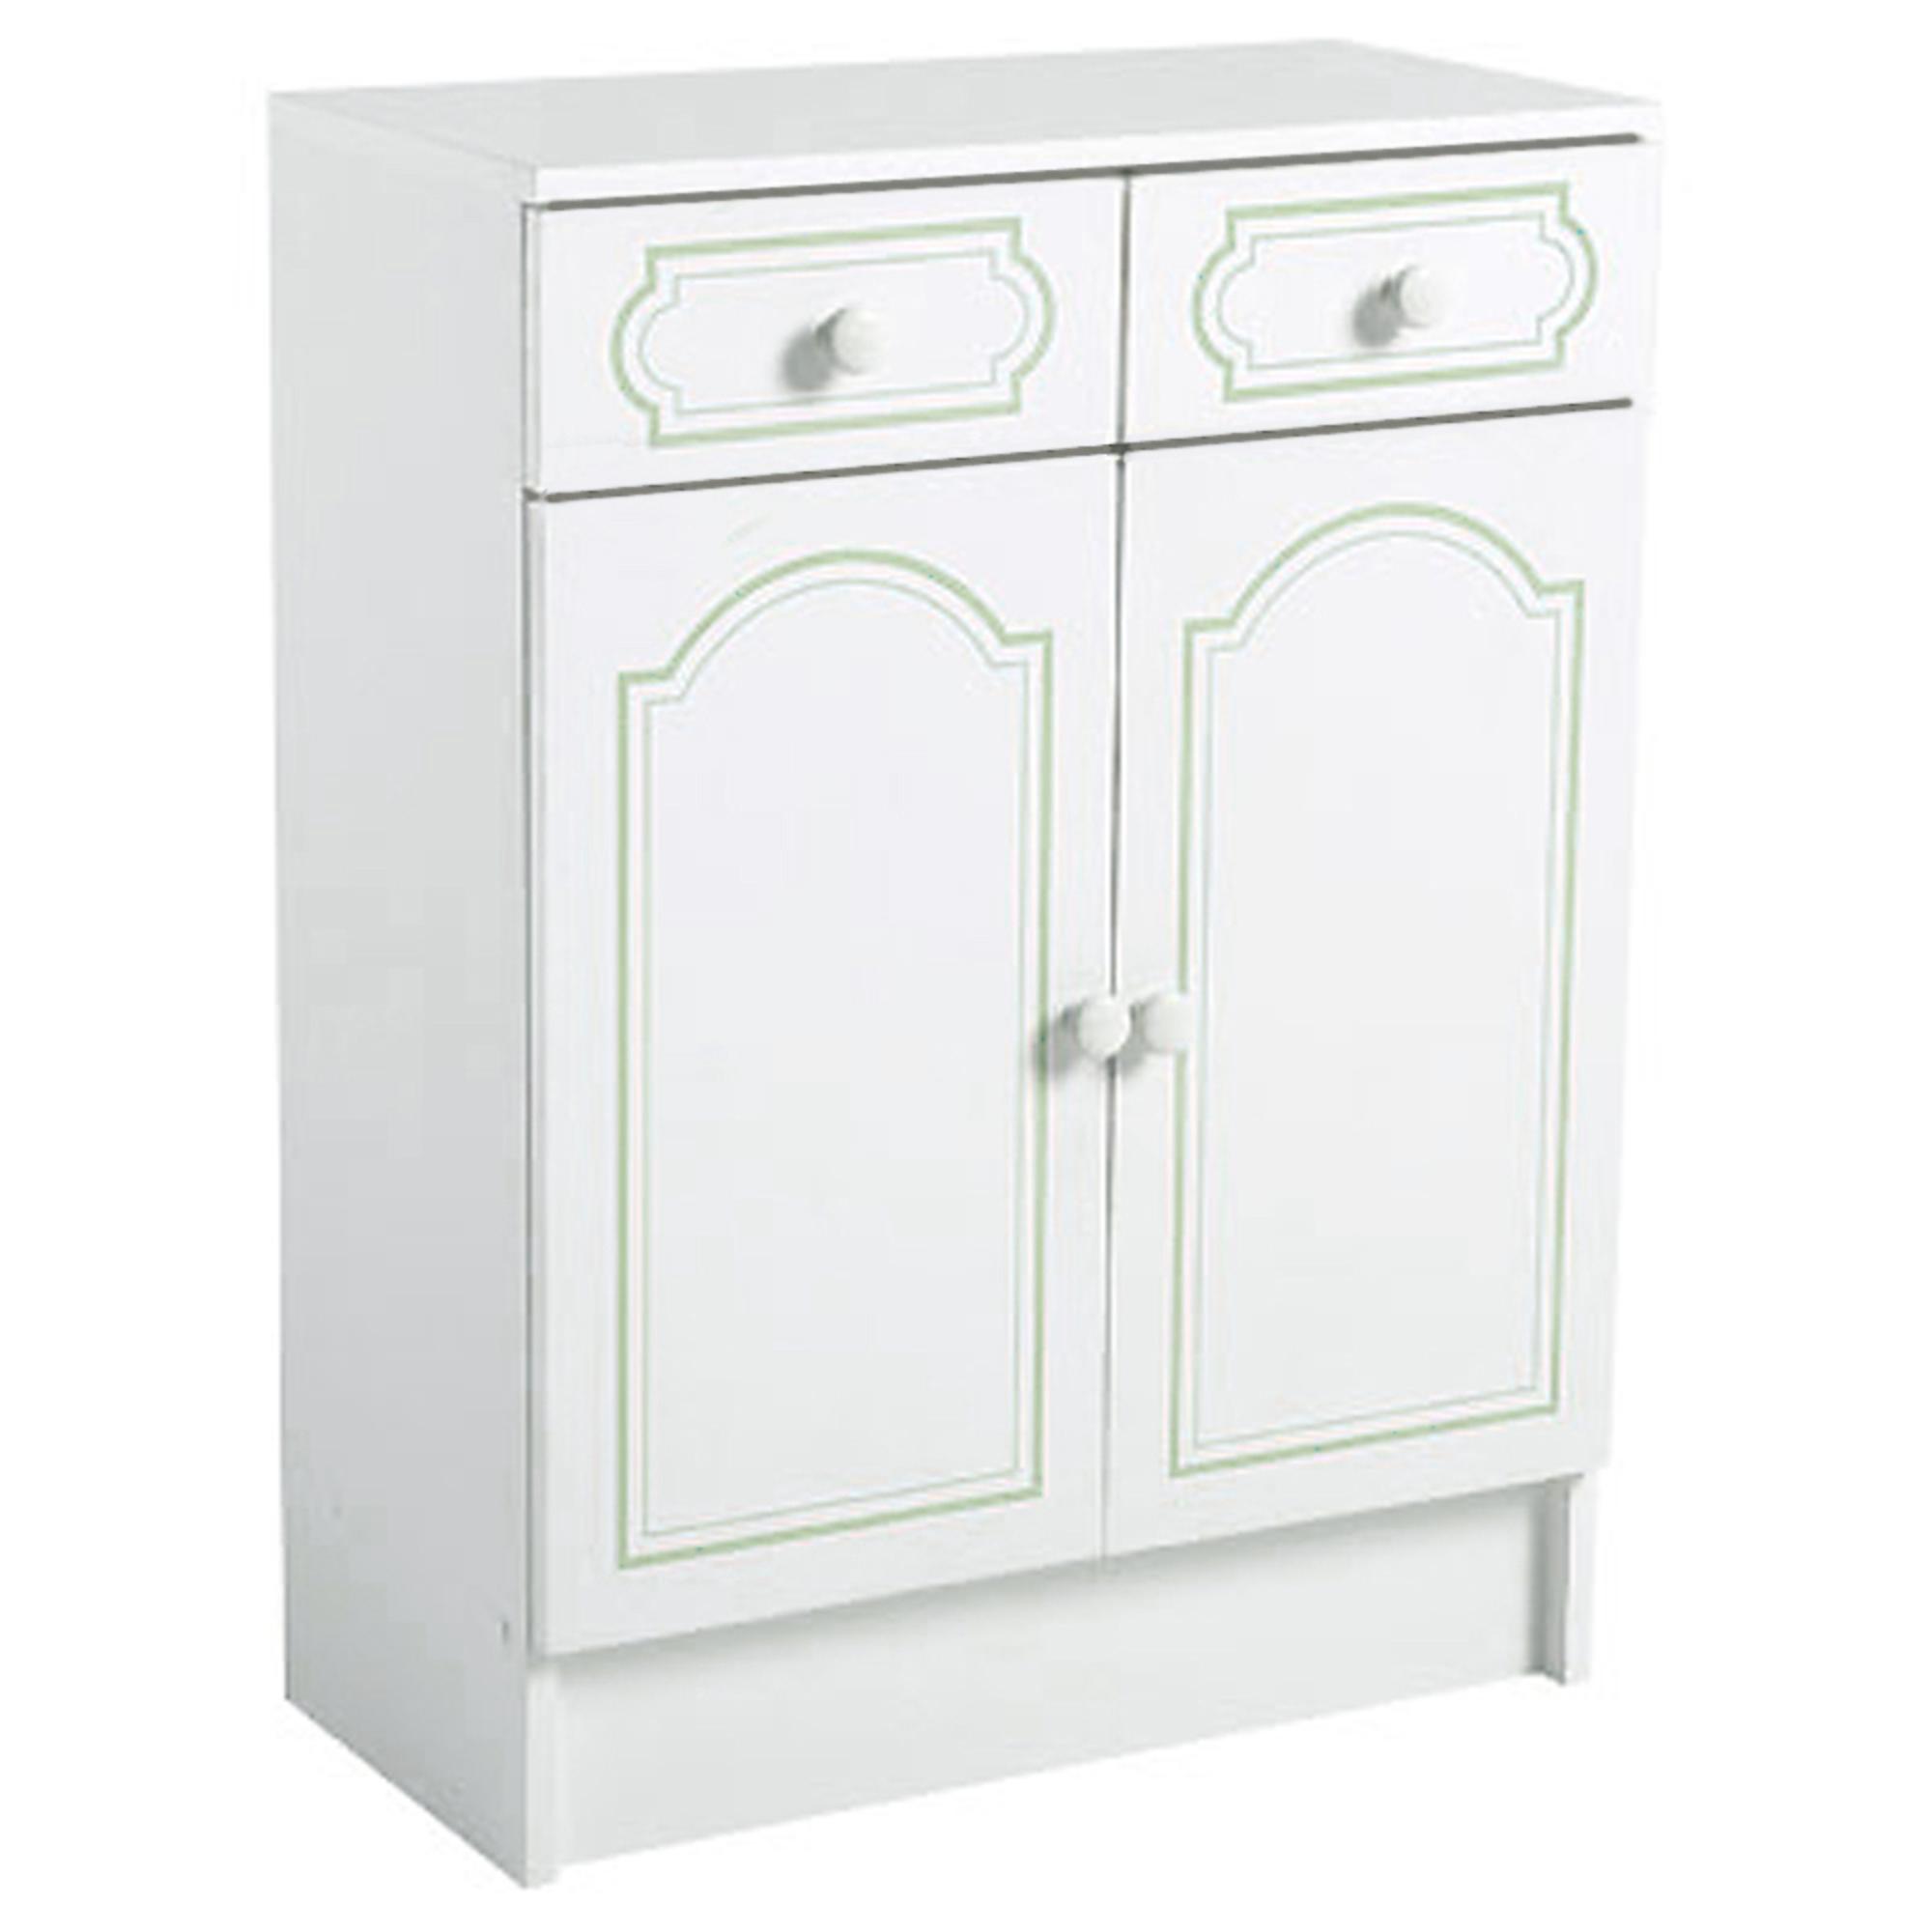 Meuble bas 2 portes 2 tiroirs salle de bain belle ile - Meuble bas salle de bain ...